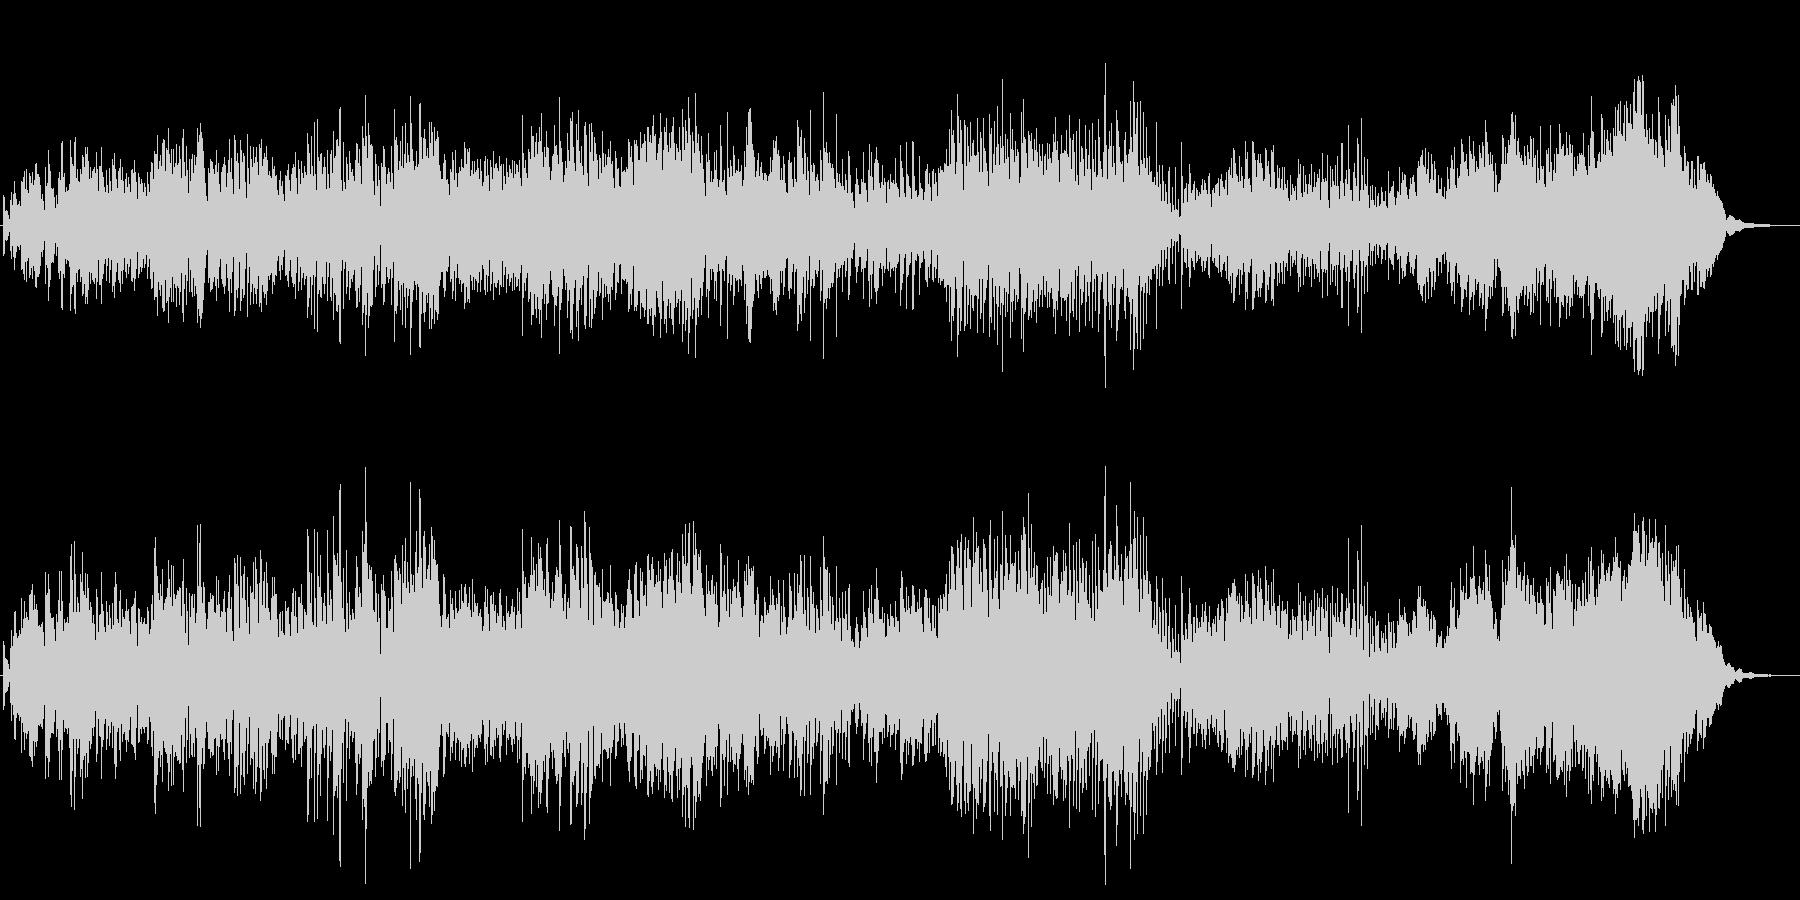 リズミカル 水 キラキラ ■ ピアノソロの未再生の波形